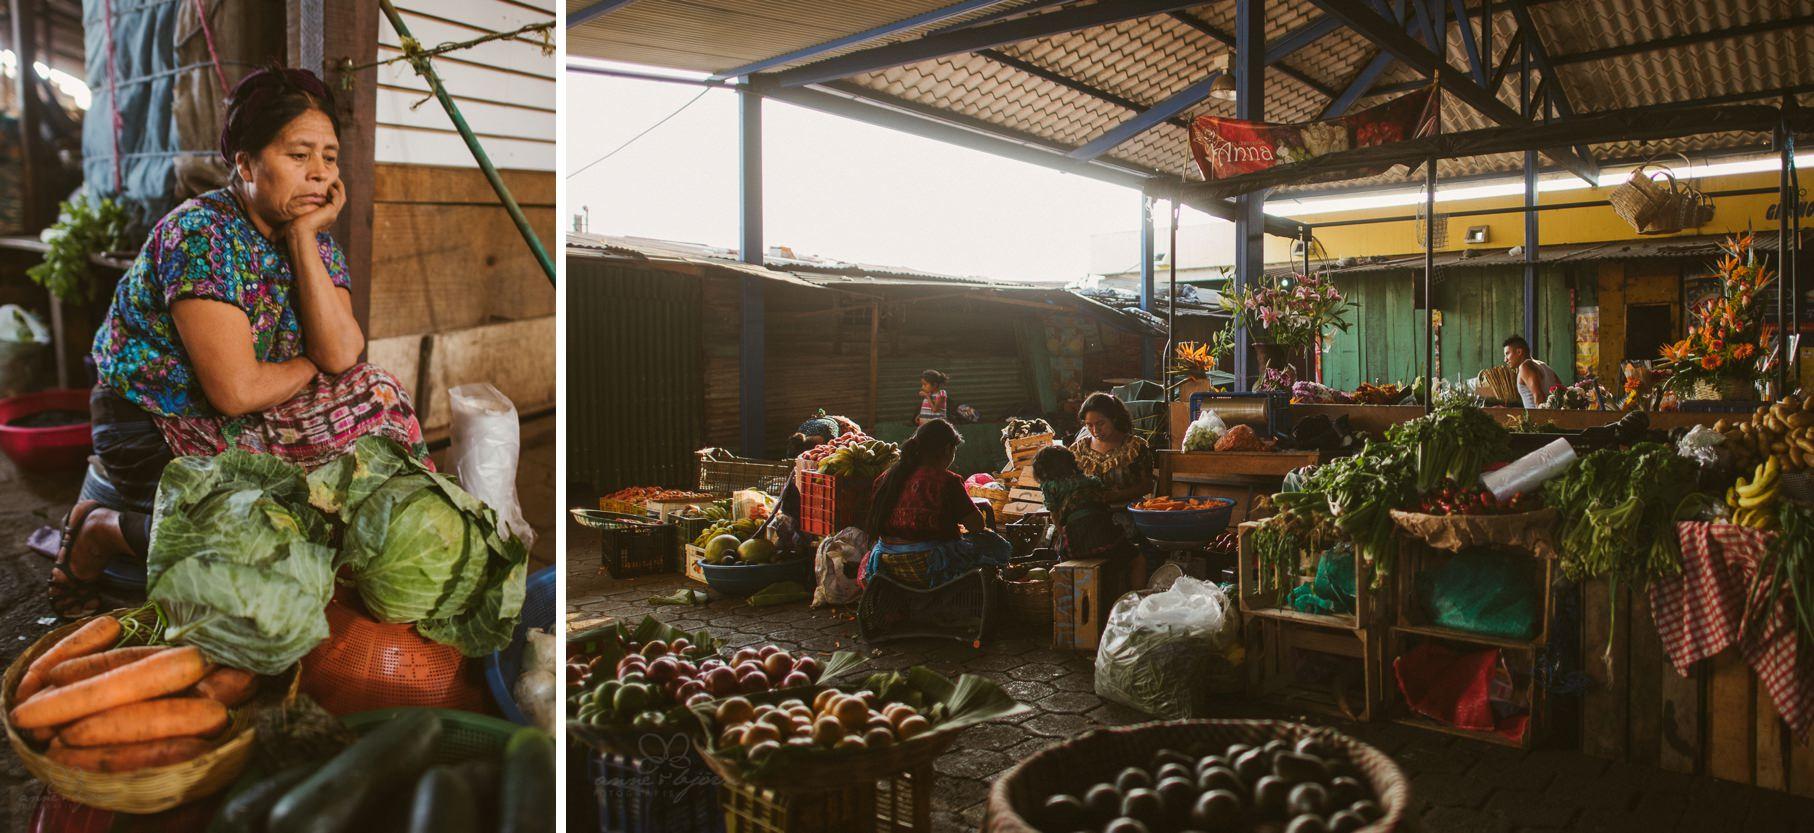 0017 anne und bjoern guatemala 811 2458 - 4 Wochen durch Guatemala - backpacking durch Mittelamerika